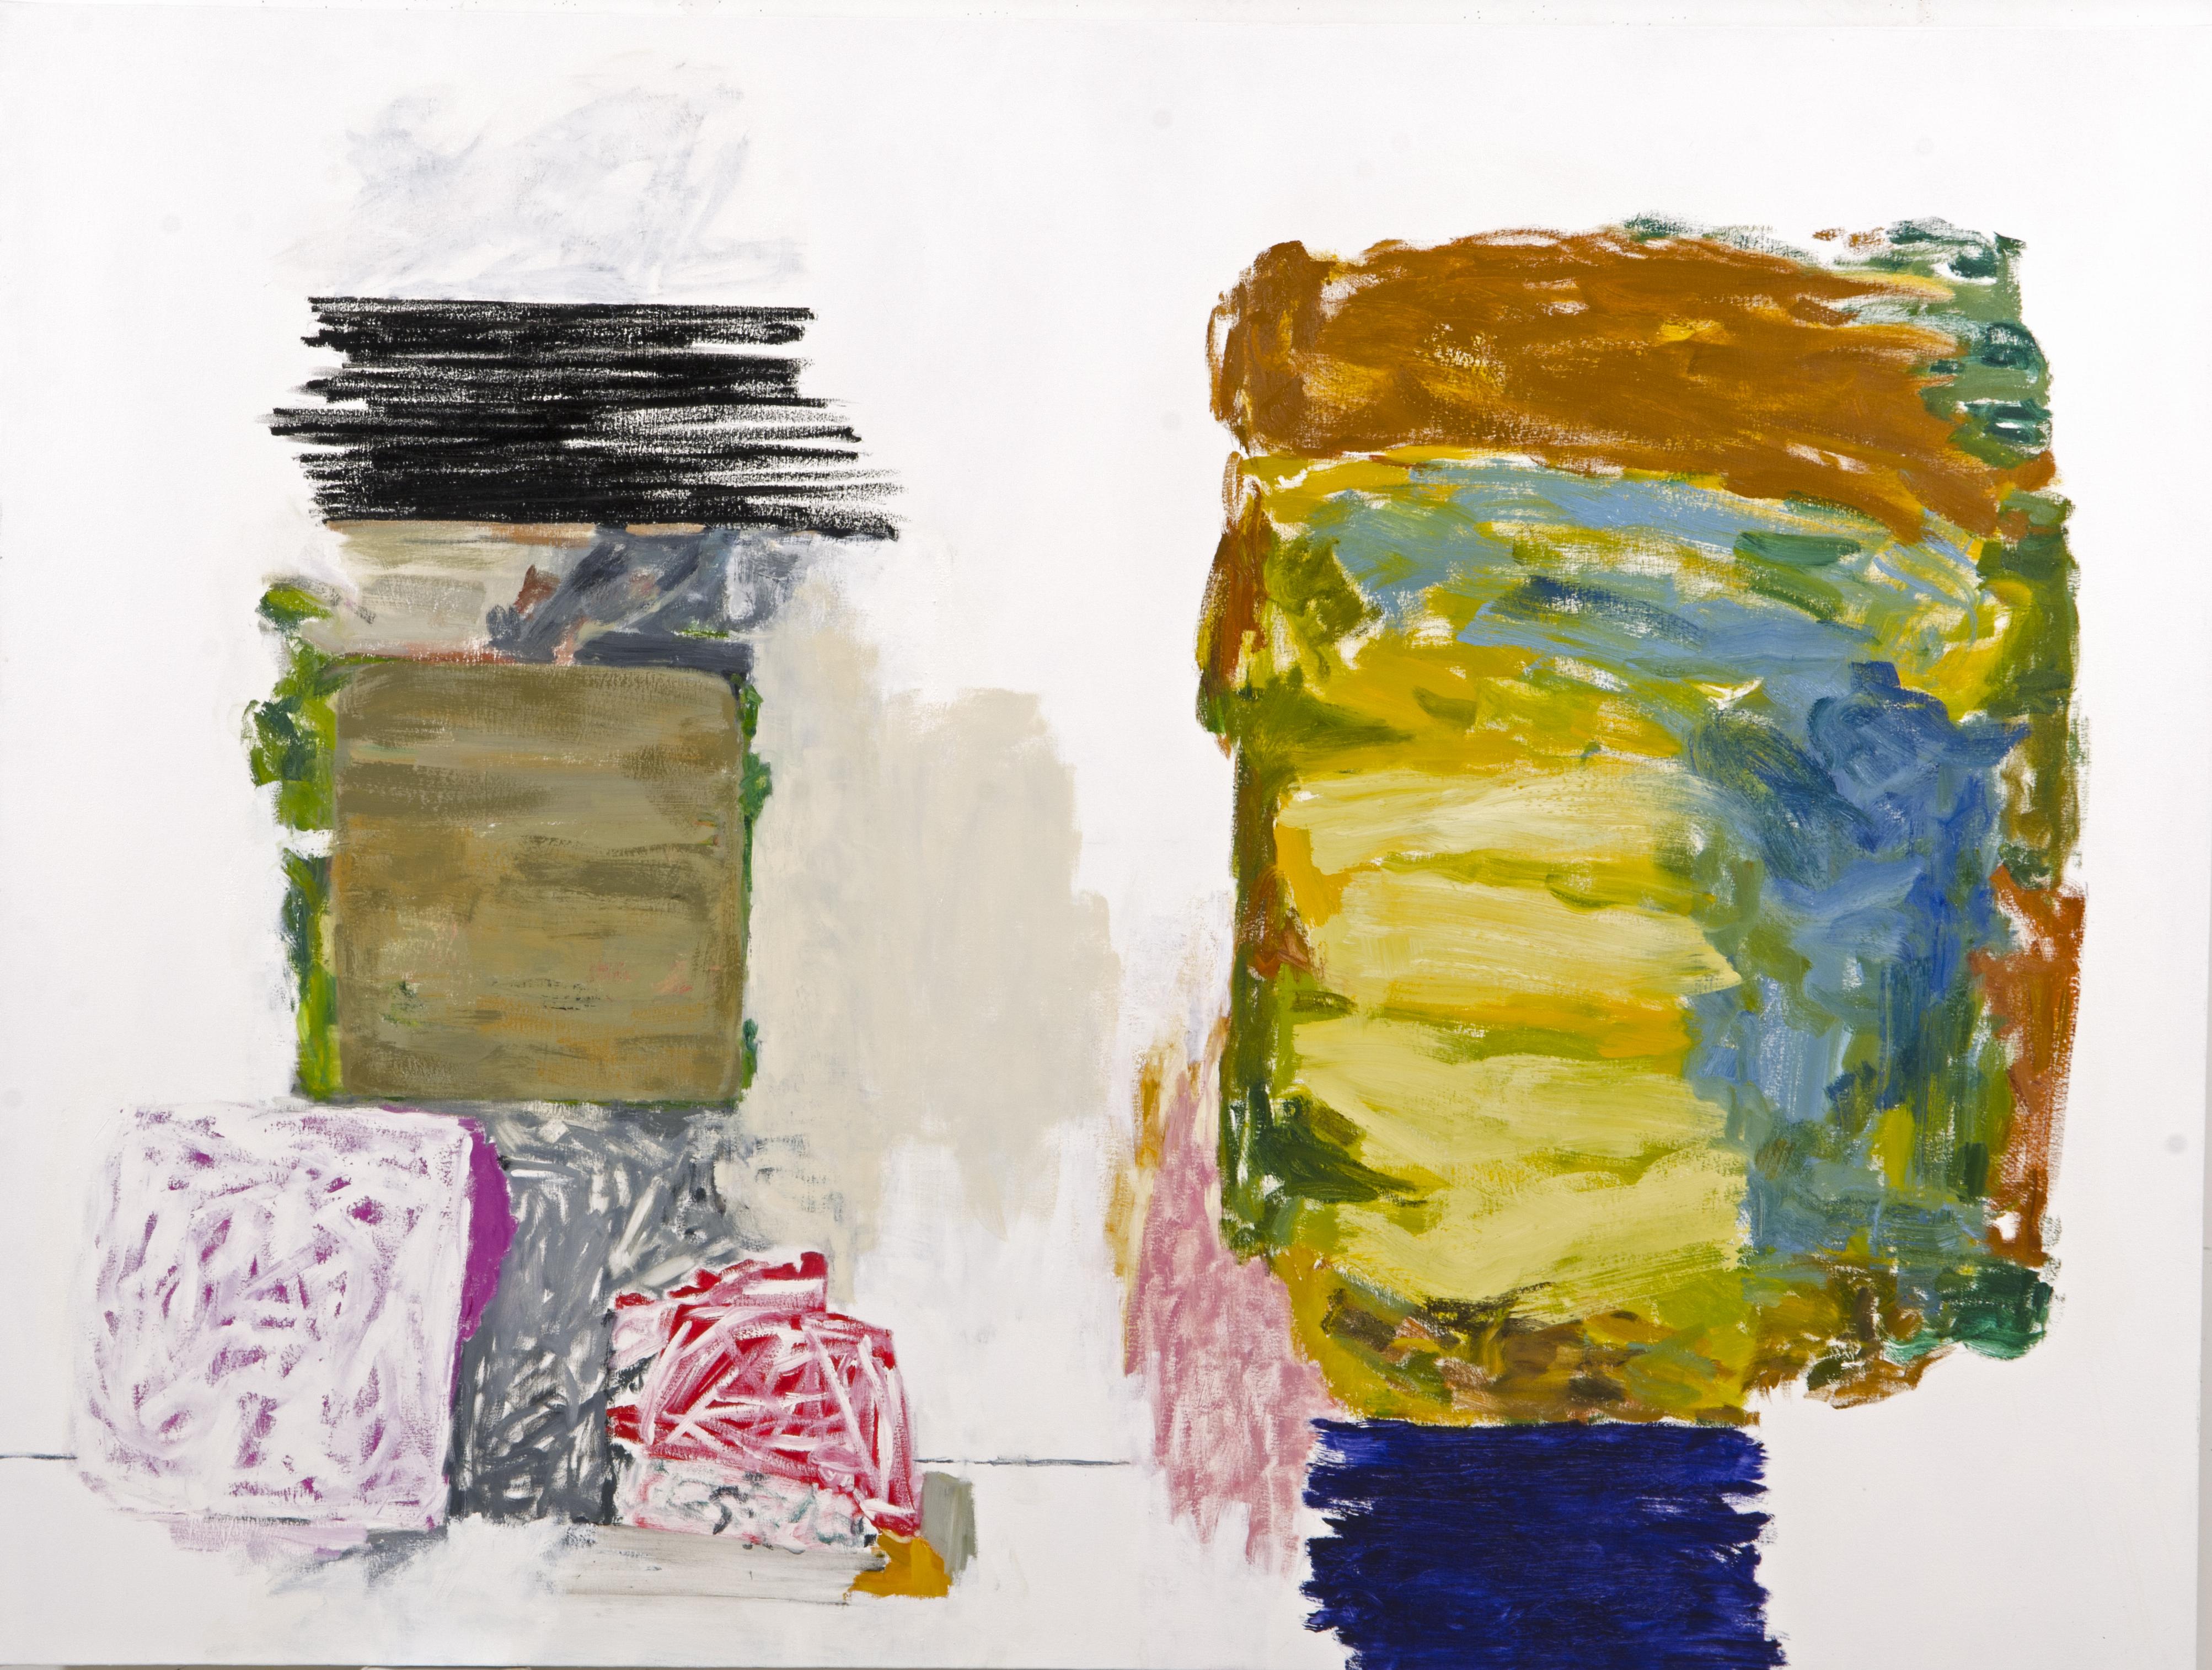 Rocio Rodriguez, The Studio, 2013, oil on canvas, 72 x 9025 inches